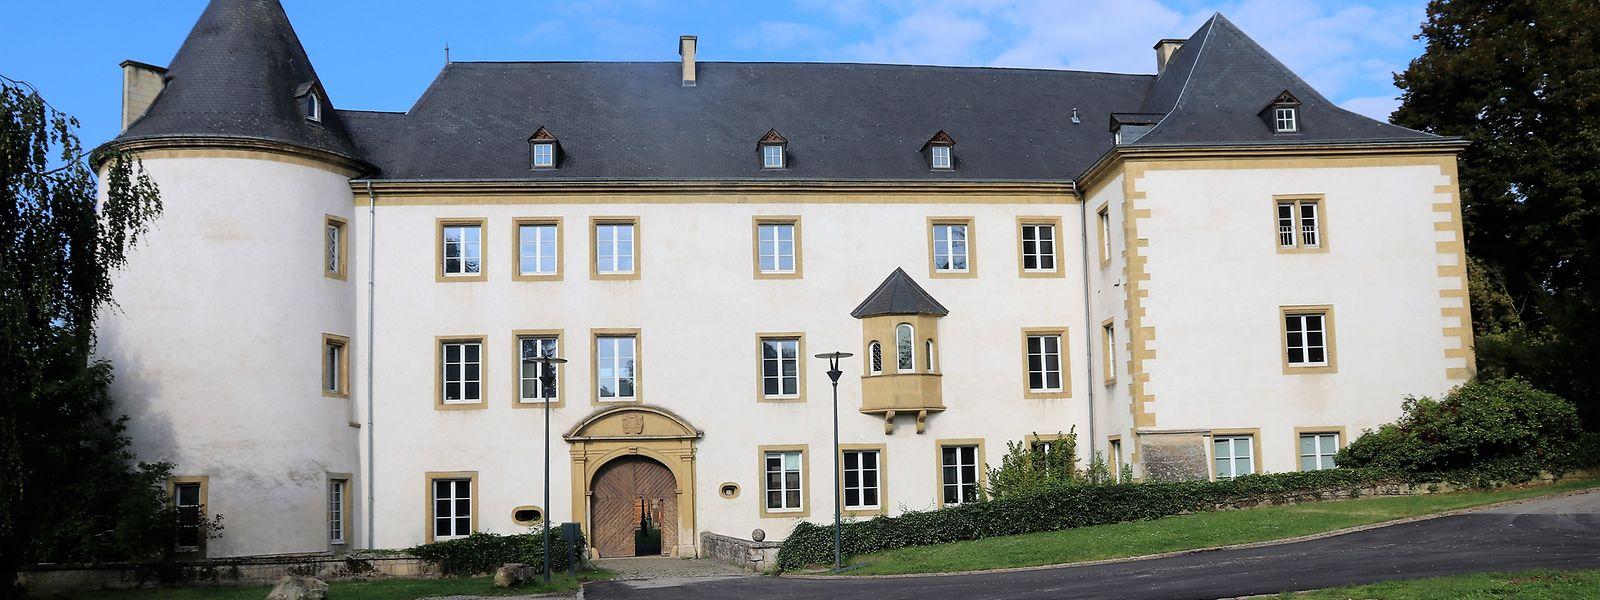 Gastronomie- und Hotellehre werden das Sanemer Schloss in Zukunft beleben.